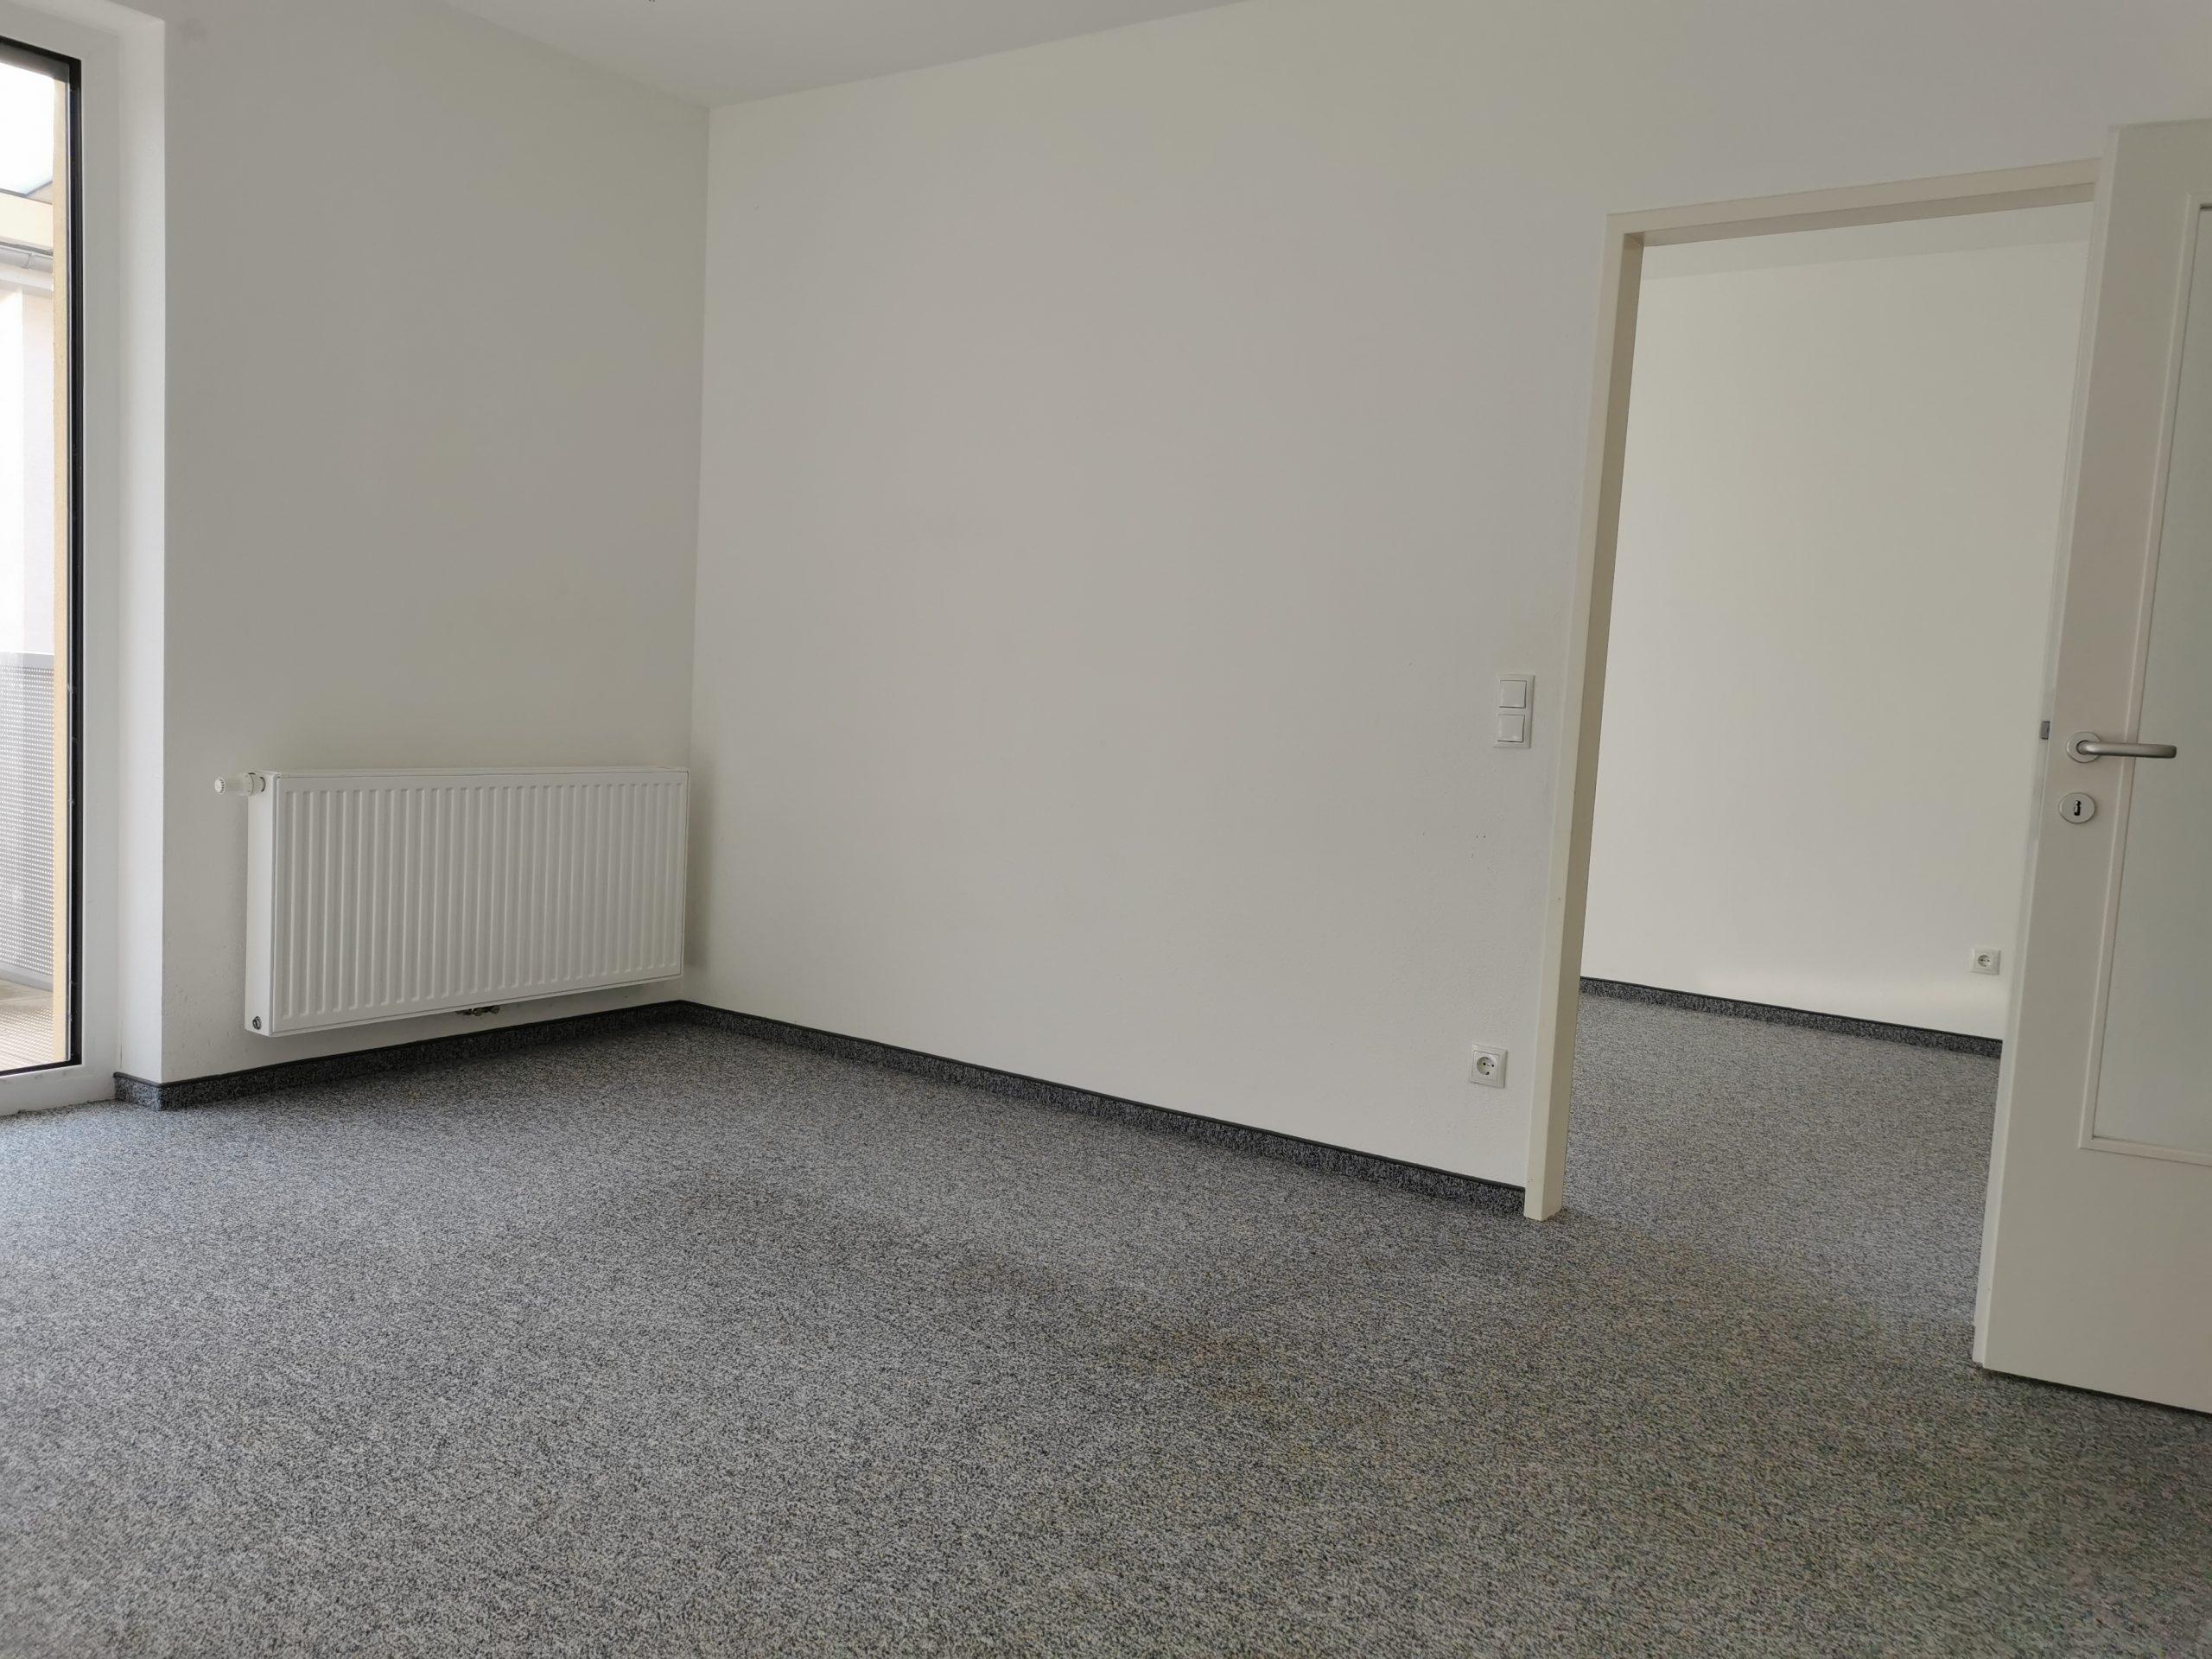 Immobilie von Kamptal in 2184 Hauskirchen, Gänserndorf, Hauskirchen I/2 - Top 5 #3